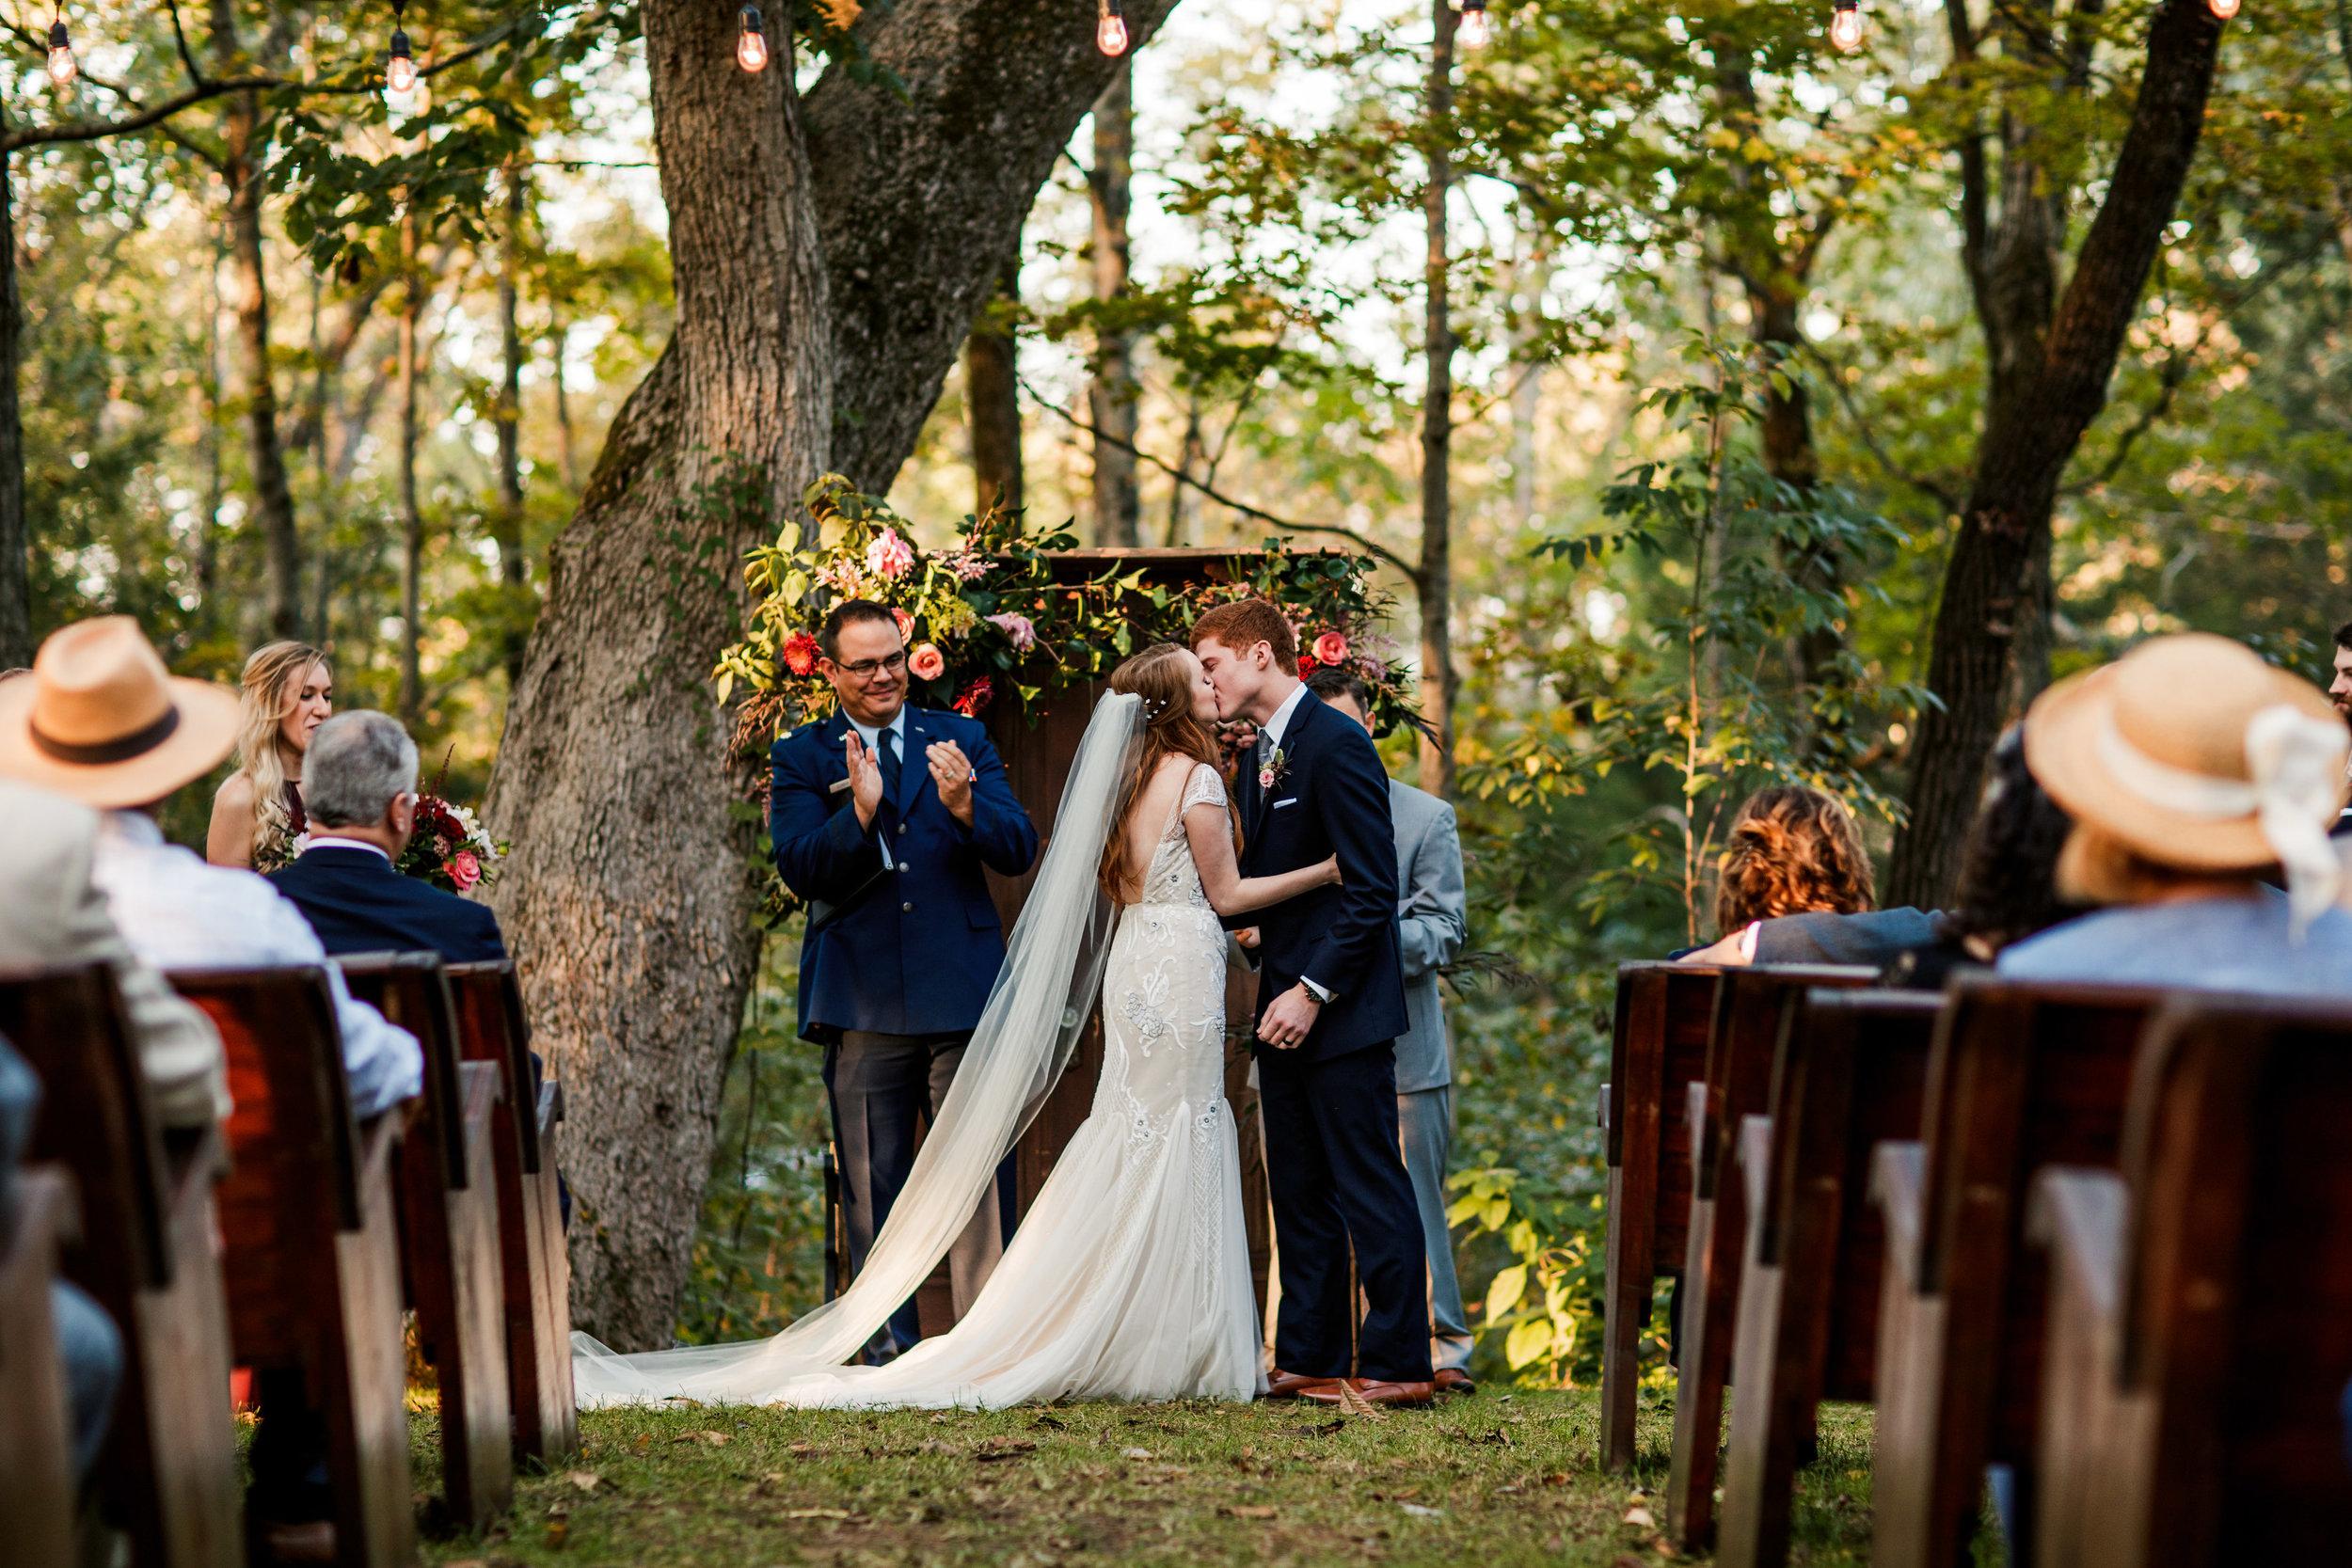 Wrens-Nest-Wedding-Murfreesboro-TN 36.jpg